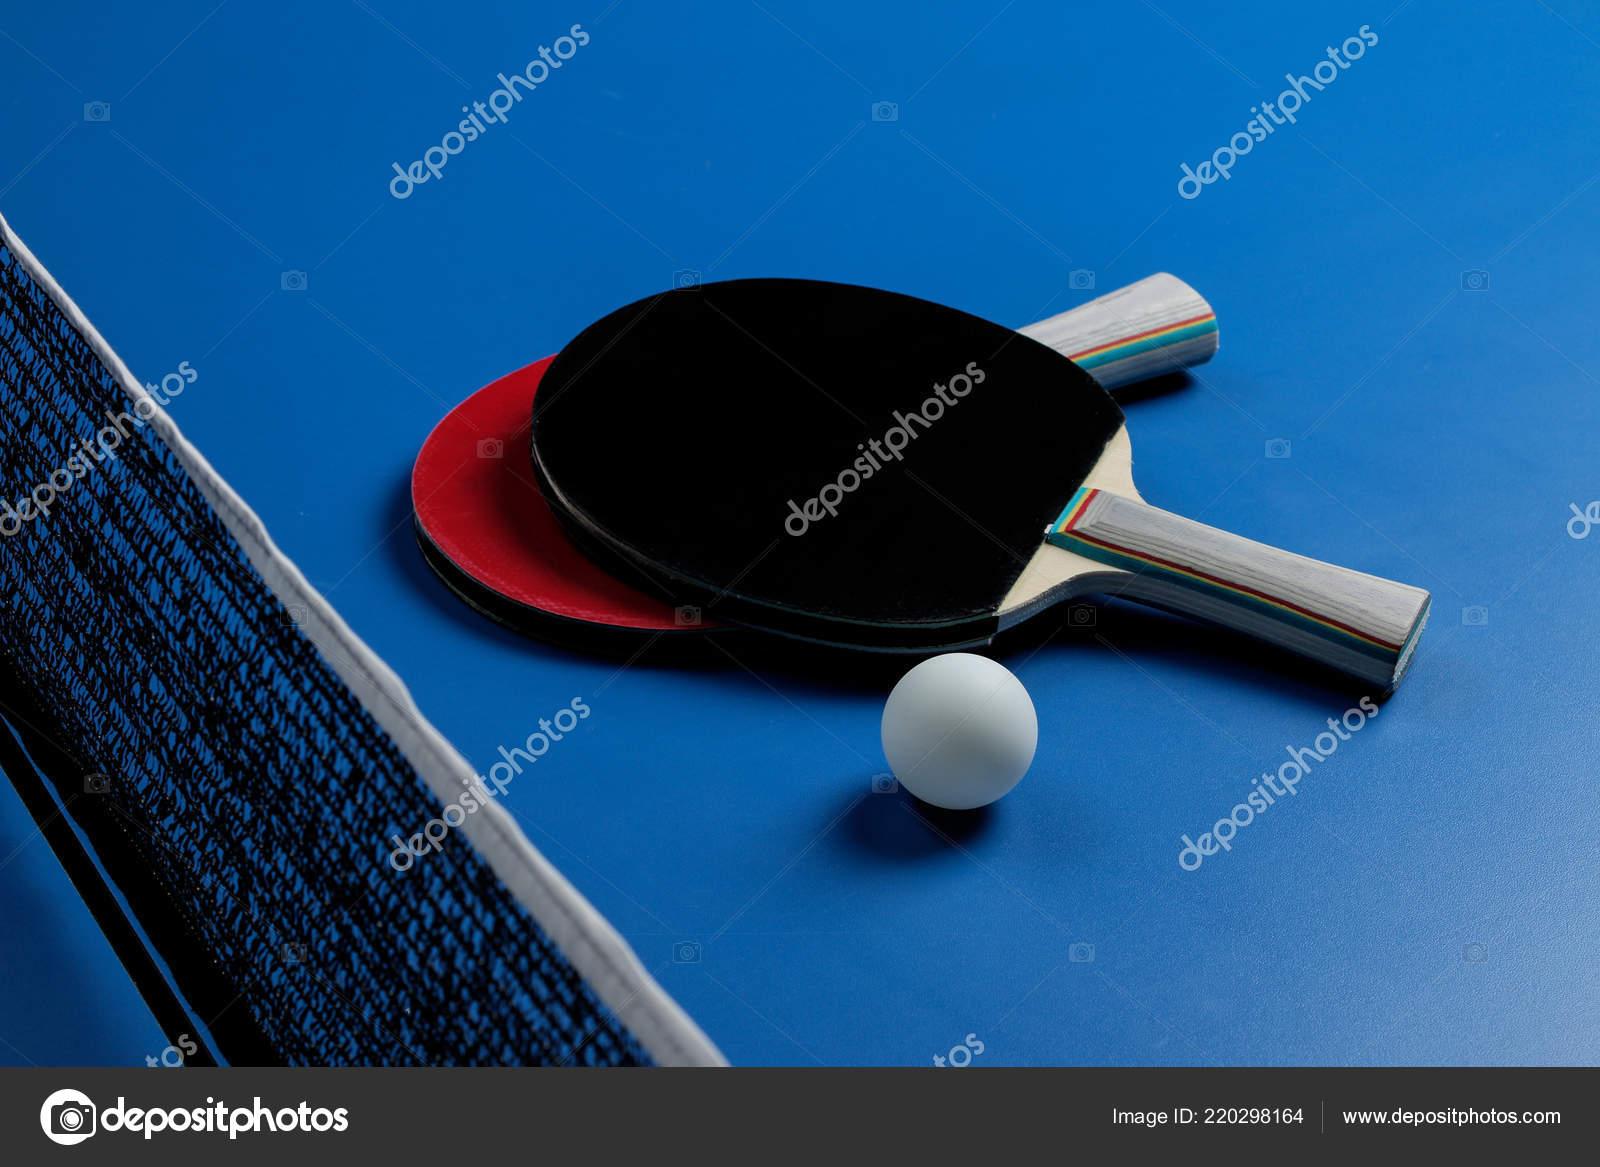 1e9246a1e Ping Pong Acessórios Para Tênis Mesa Raquete Bola Sobre Uma — Fotografia de  Stock